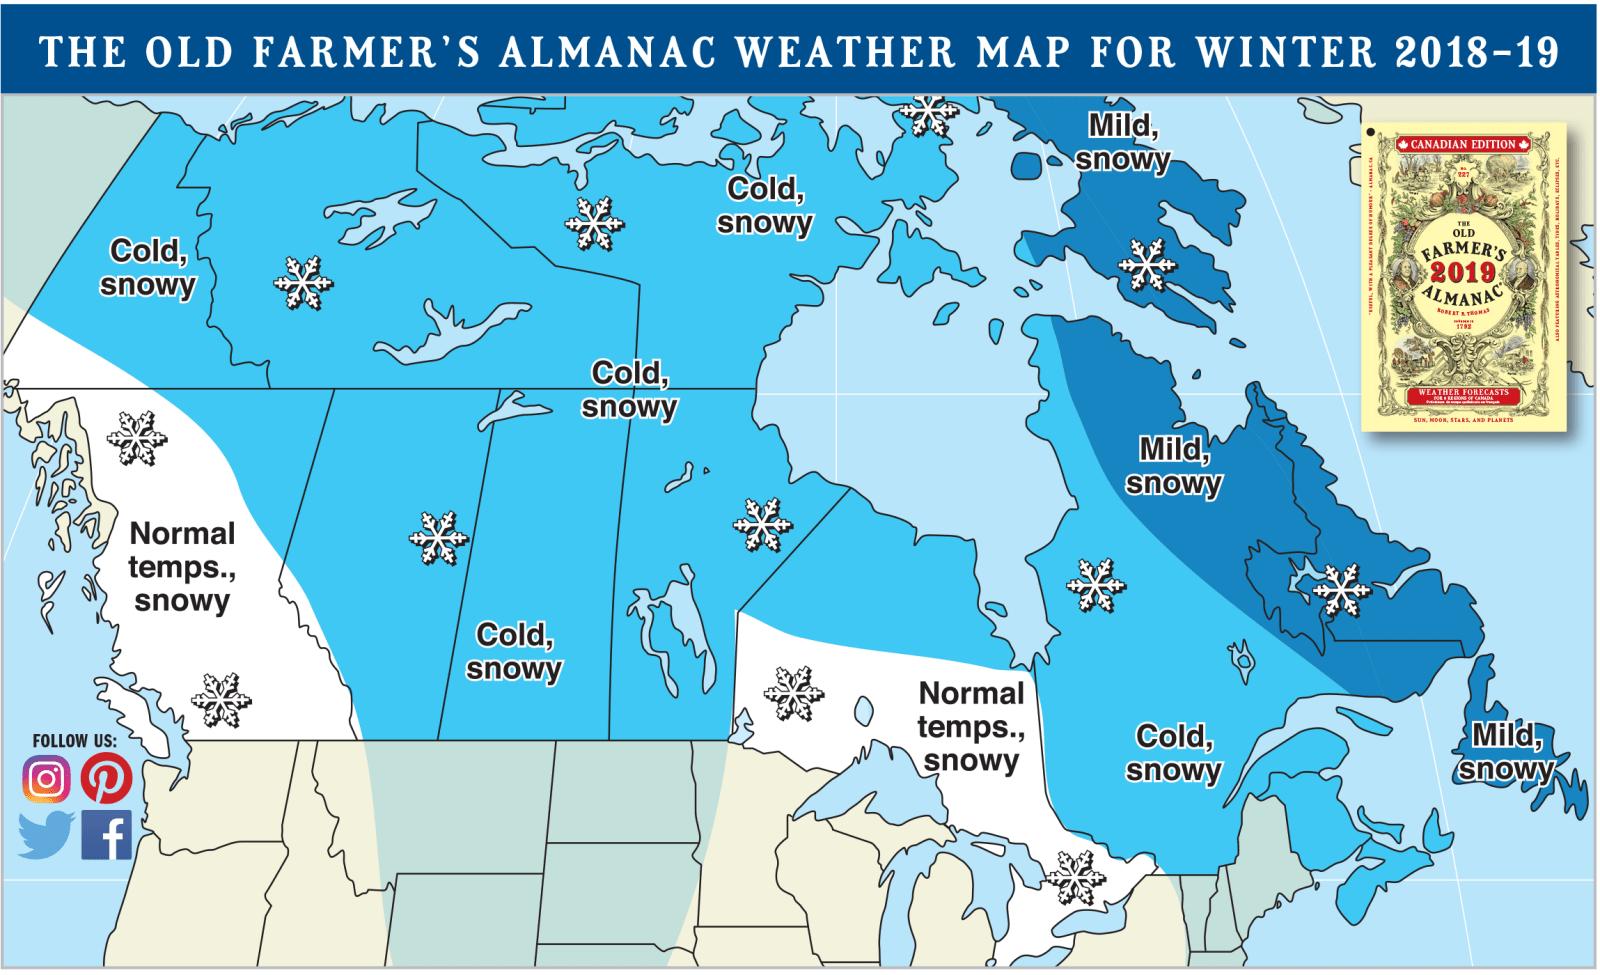 farmers almanac, almanac, canada, cold, snowy